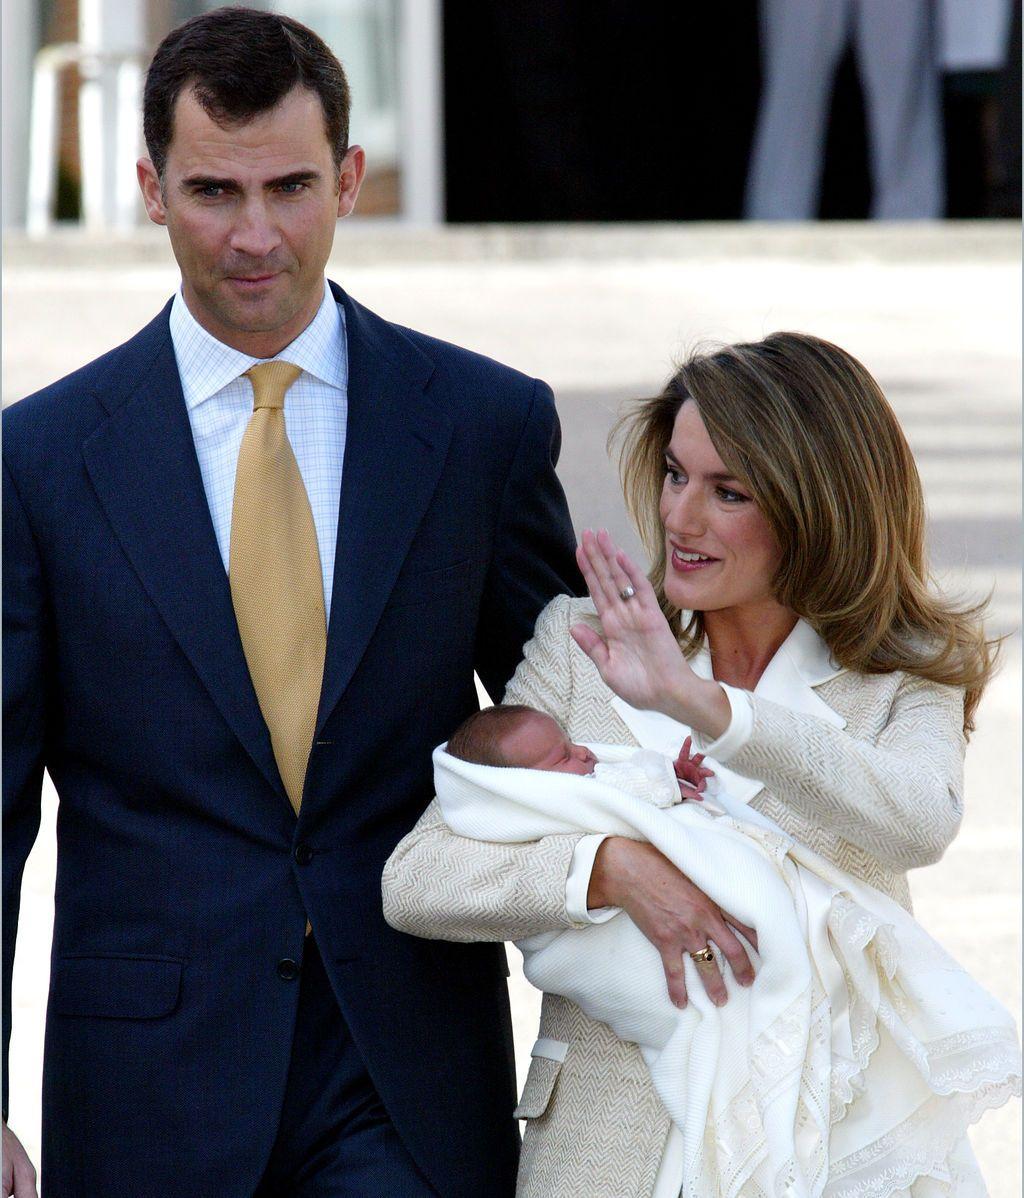 La madrugada del 31 de octubre de 2005 nació Leonor, la primogénita de los Príncipes de Asturias